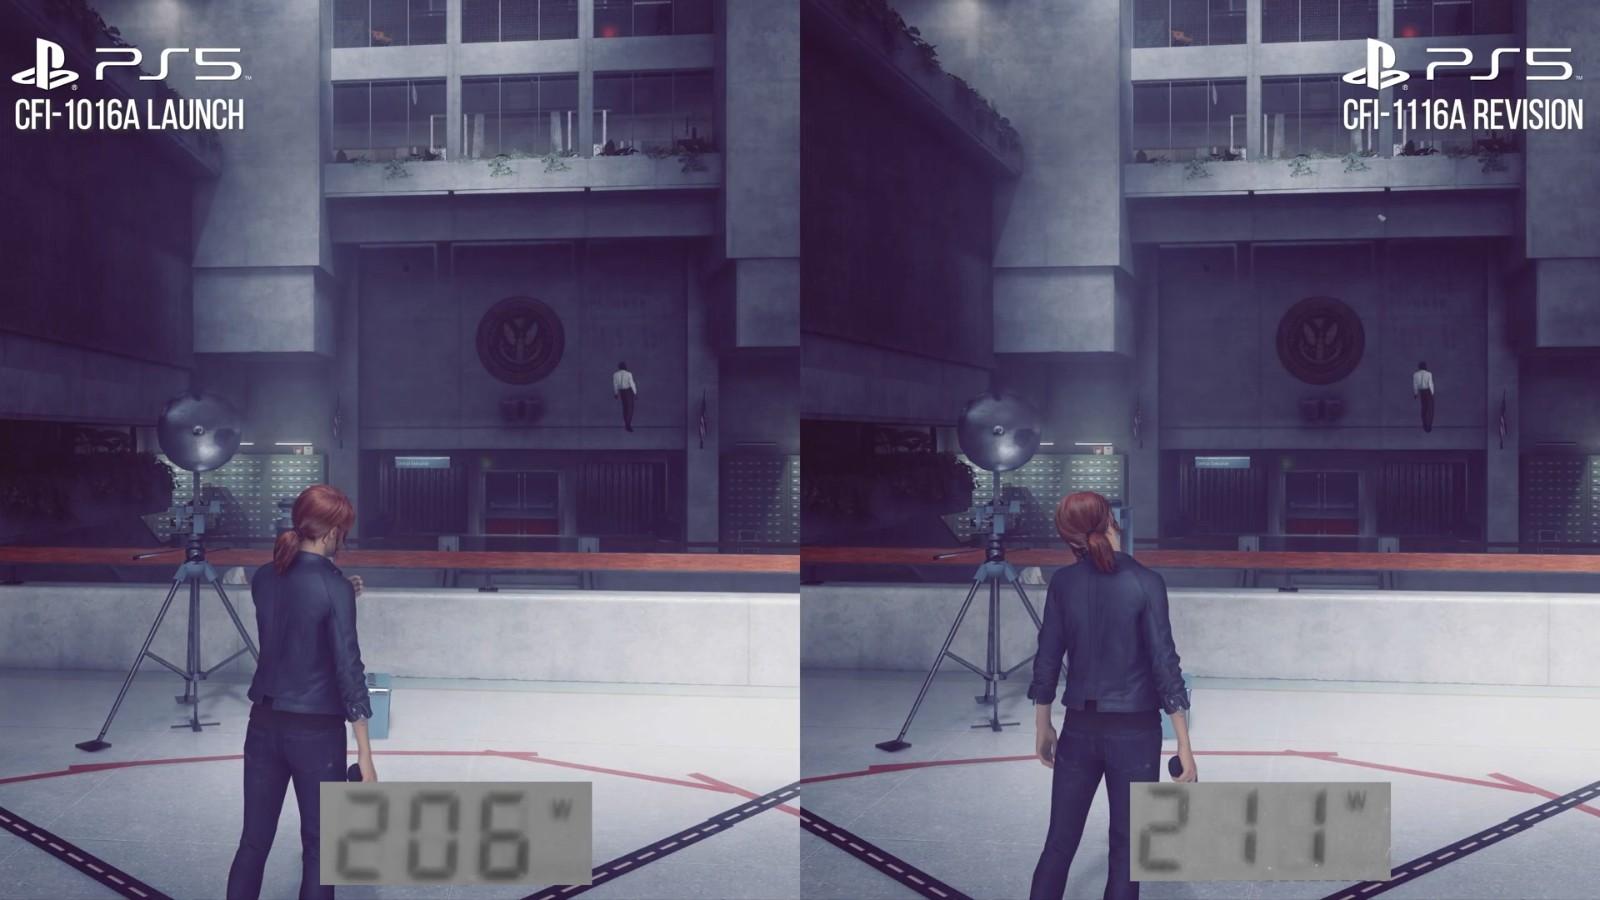 外媒评测PS5新机型:和首发版性能并无二致插图15